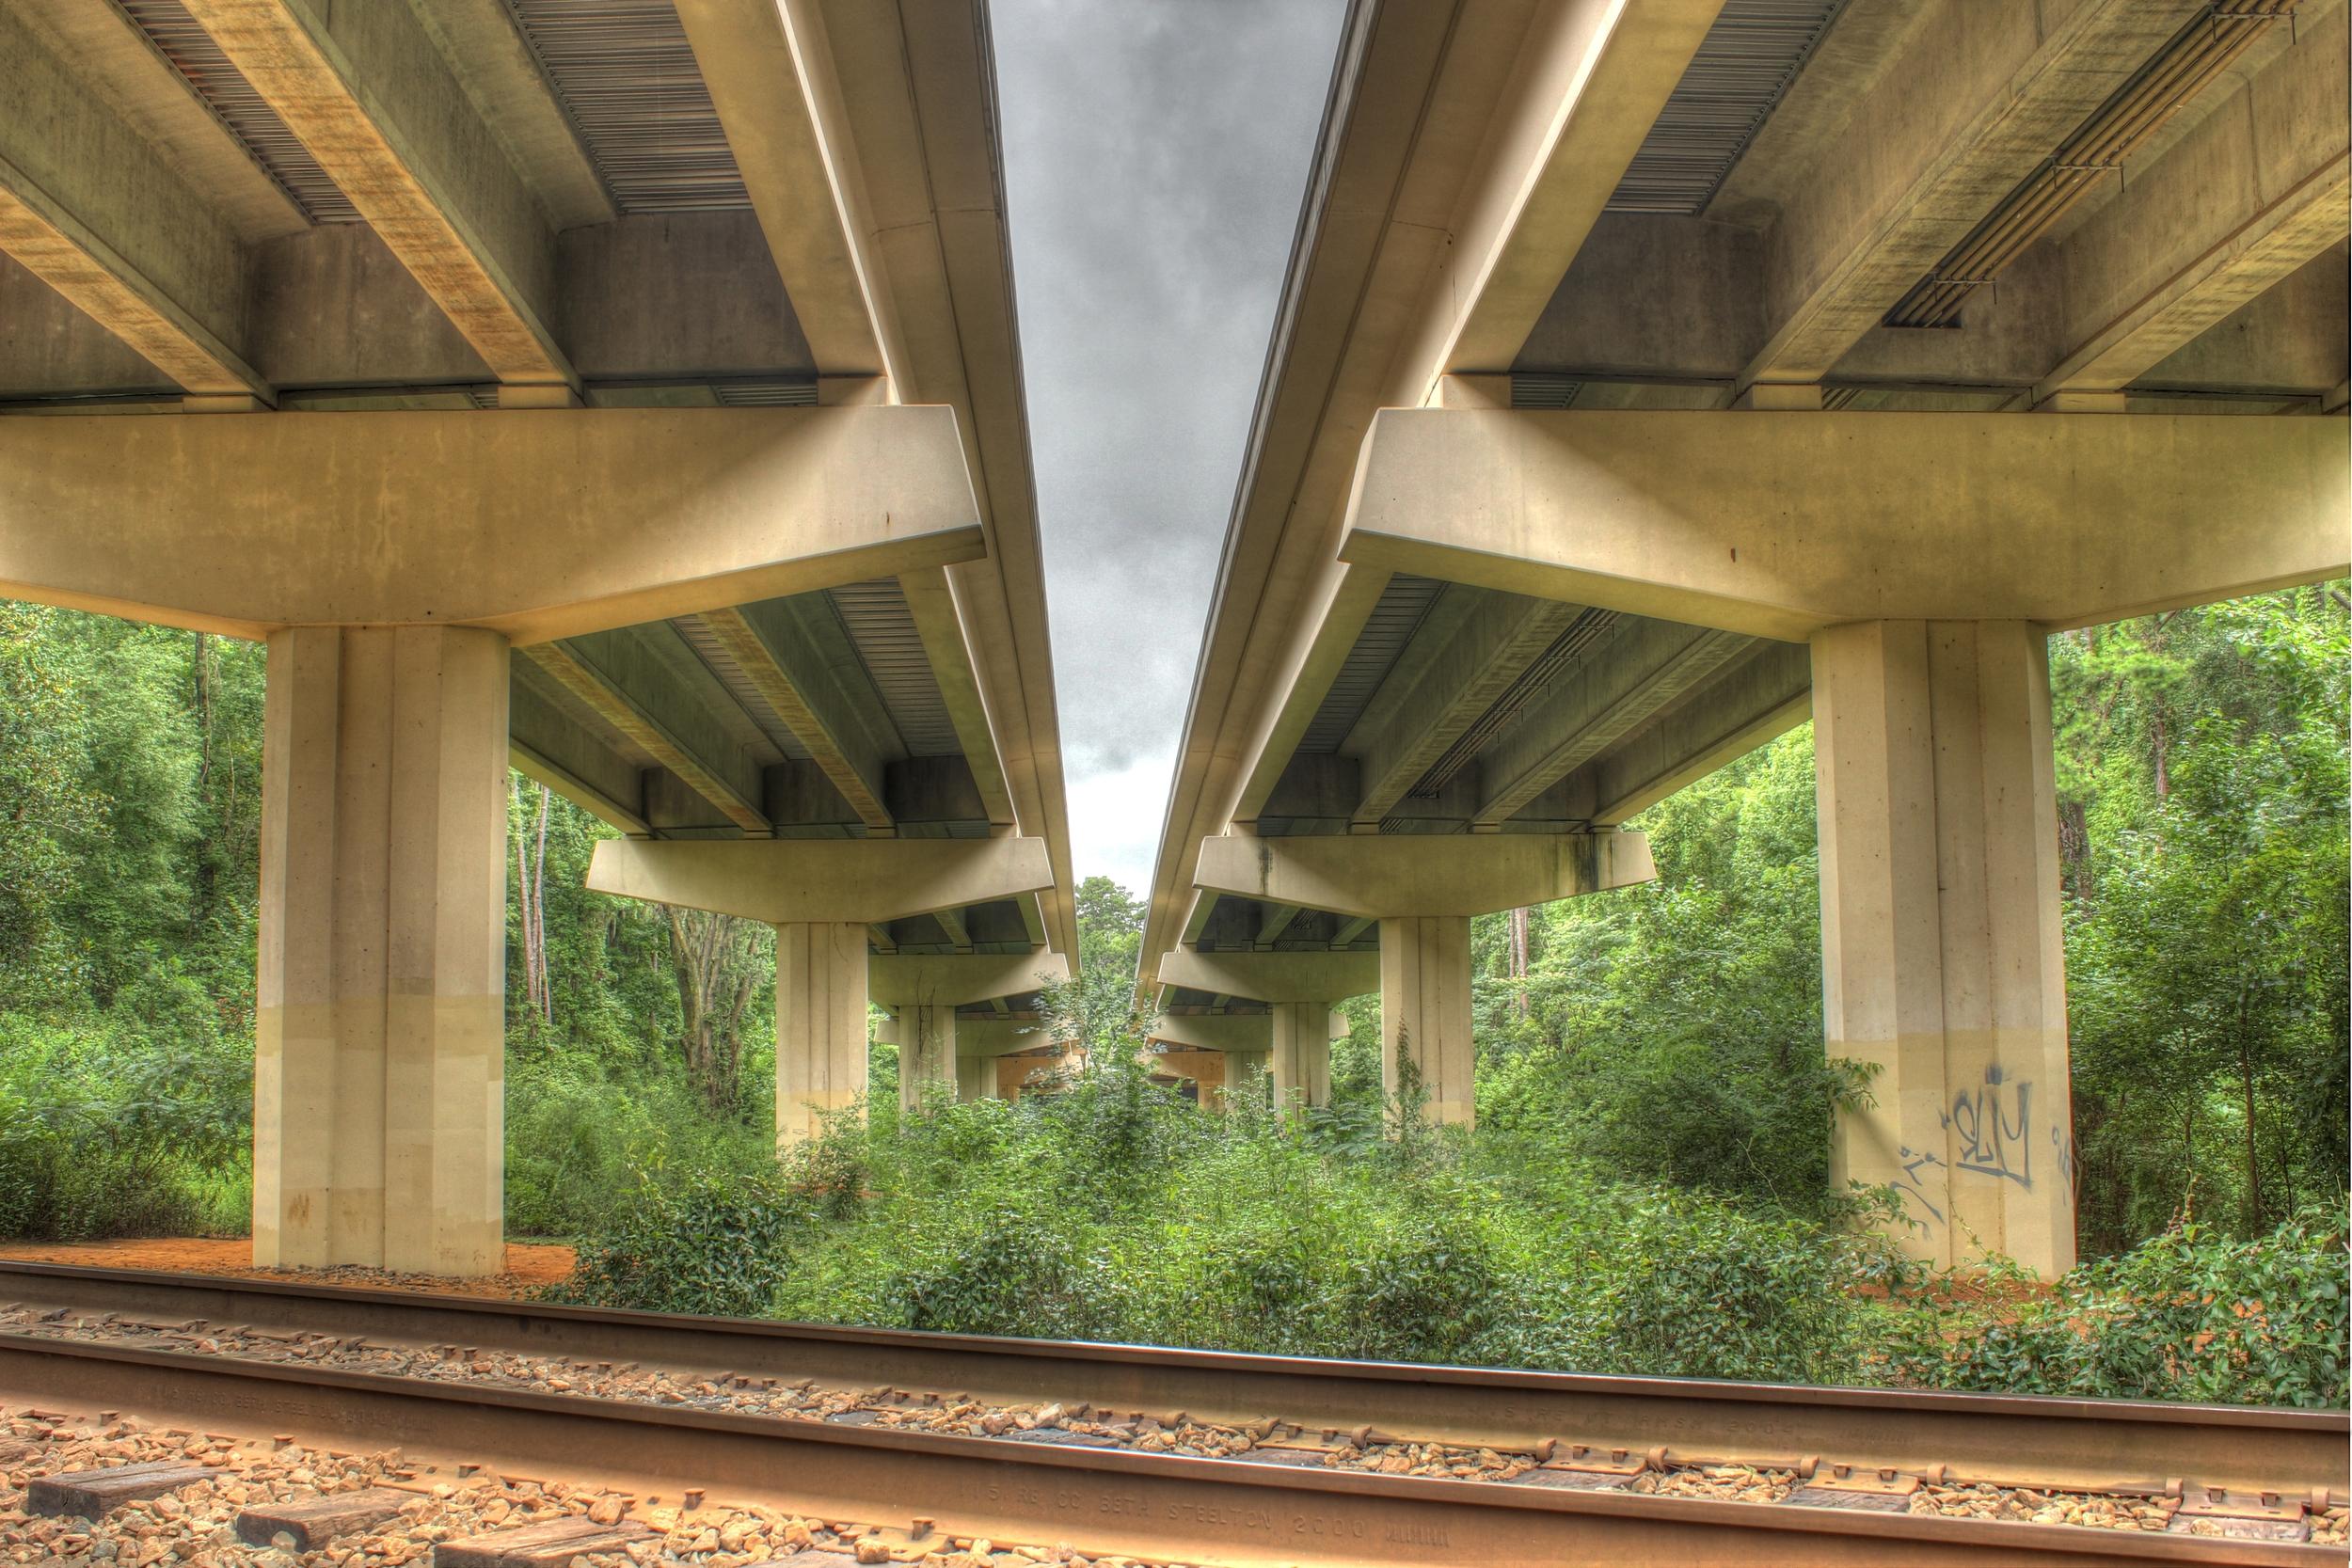 Underpass_GovPark.jpg